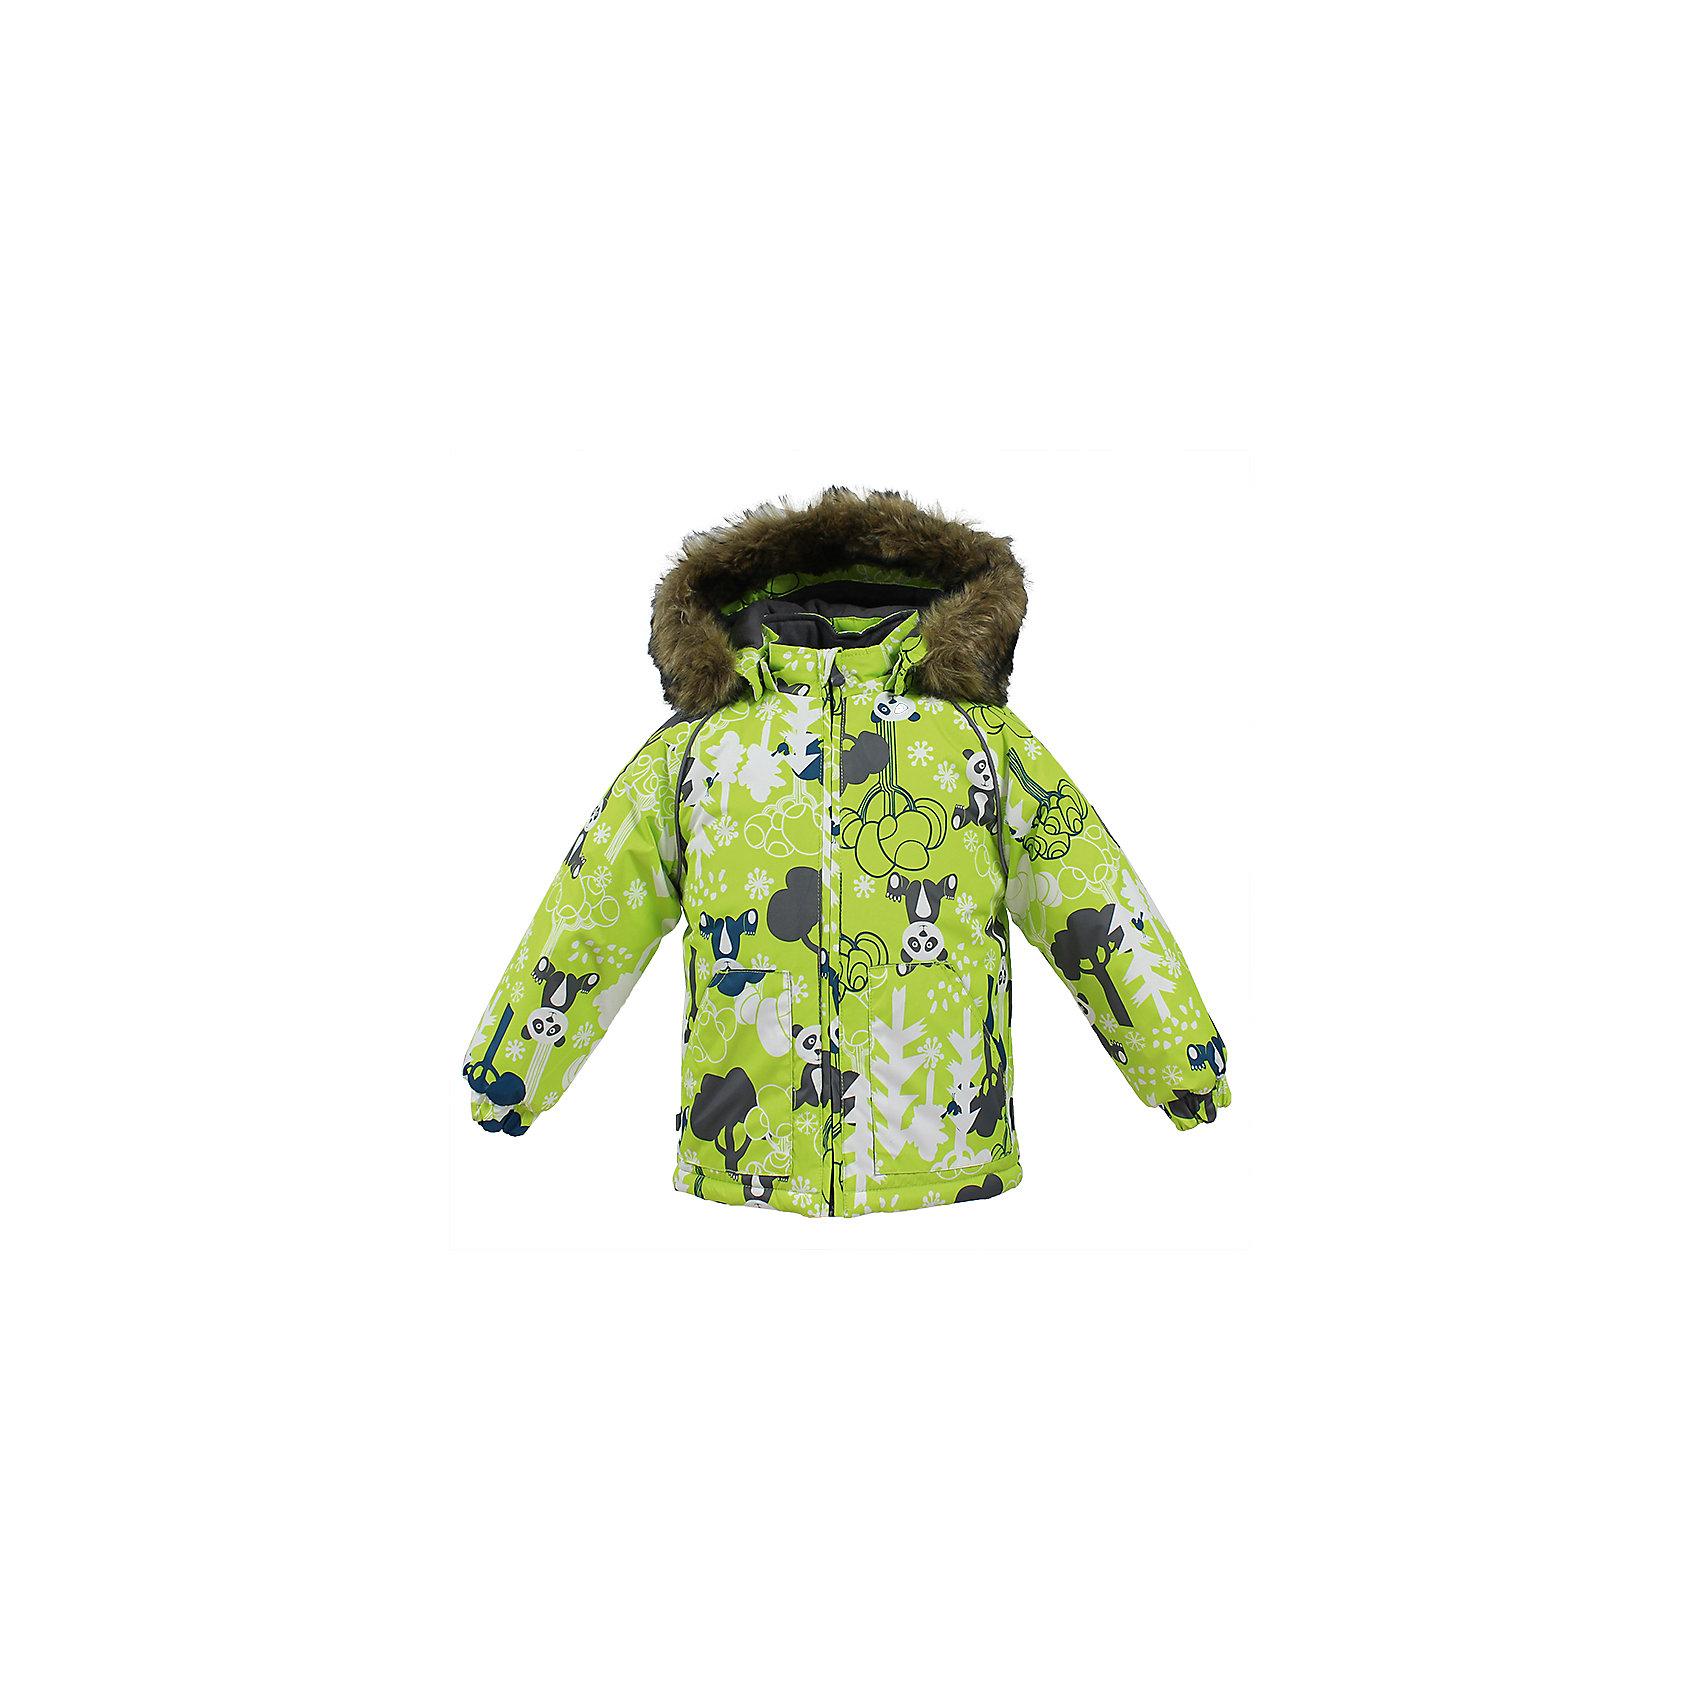 Куртка VIRGO HuppaЗимние куртки<br>Куртка для малышей VIRGO.Водо и воздухонепроницаемость 5 000. Утеплитель 300 гр. Подкладка фланель 100% хлопок. Отстегивающийся капюшон с мехом. Манжеты рукавов на резинке. Имеются светоотражательные детали.<br>Состав:<br>100% Полиэстер<br><br>Ширина мм: 356<br>Глубина мм: 10<br>Высота мм: 245<br>Вес г: 519<br>Цвет: зеленый<br>Возраст от месяцев: 18<br>Возраст до месяцев: 24<br>Пол: Унисекс<br>Возраст: Детский<br>Размер: 92,98,104,80,86<br>SKU: 7027282